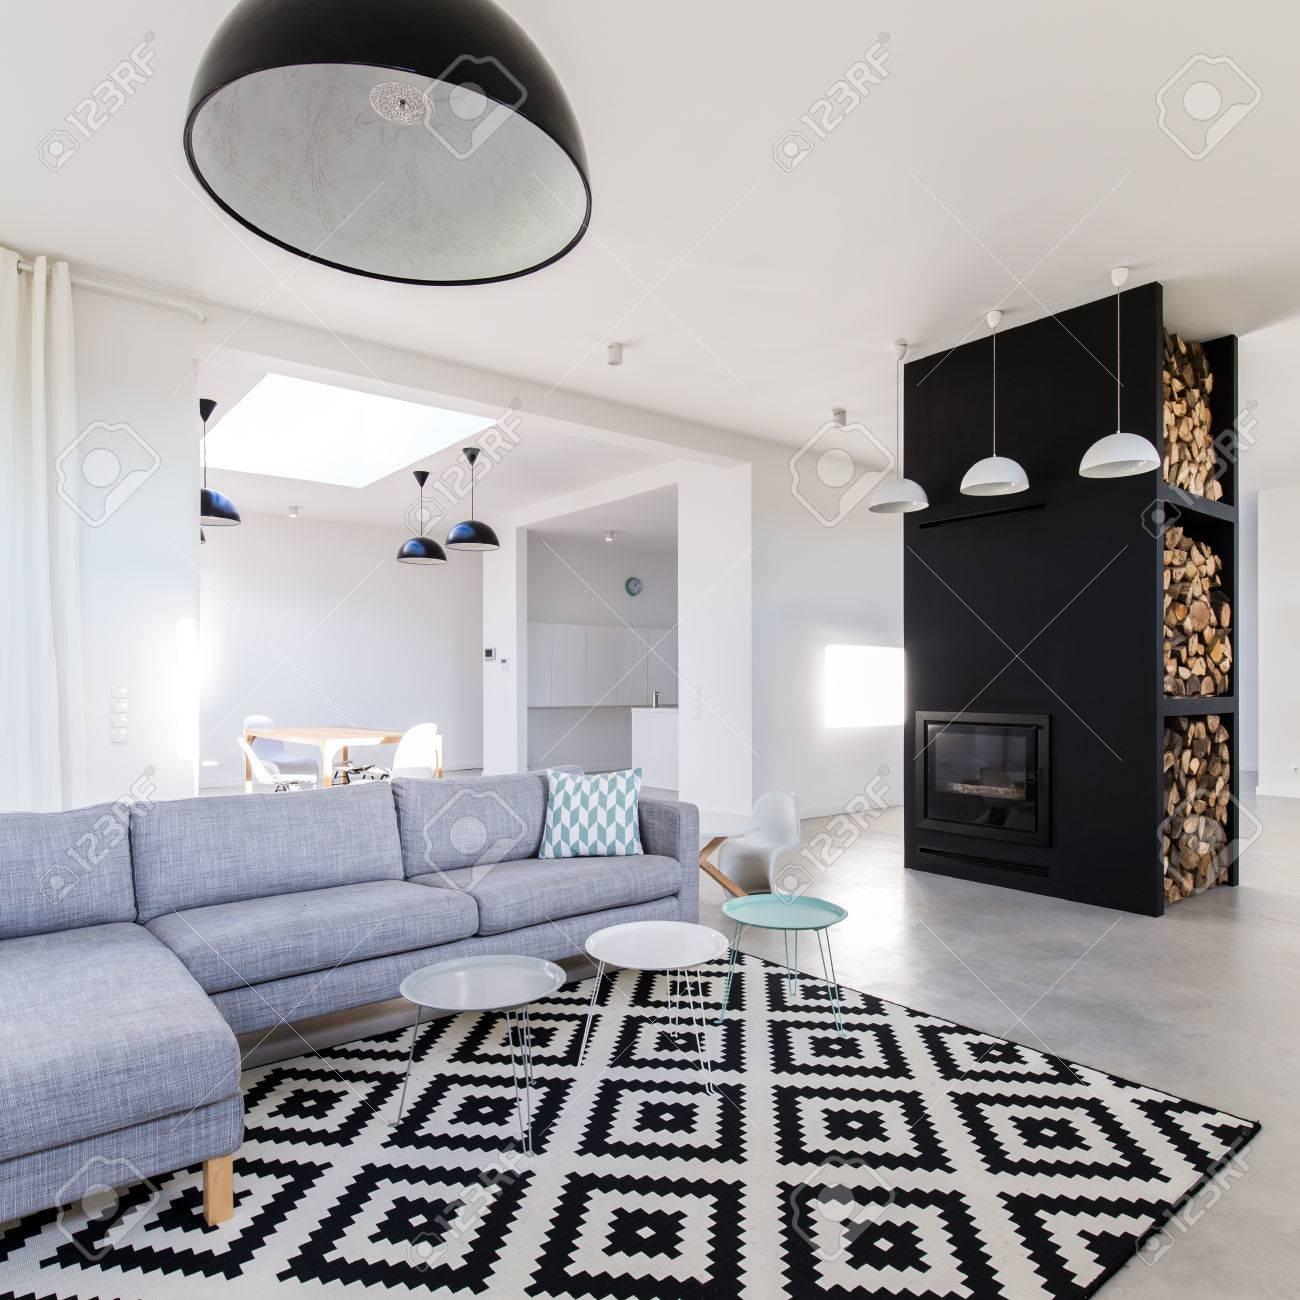 Gut Standard Bild   Stilvolles Grau Weißes Wohnzimmer Mit Gemütlichem Sofa,  Modernistischem Kamin Und Gemustertem Teppich